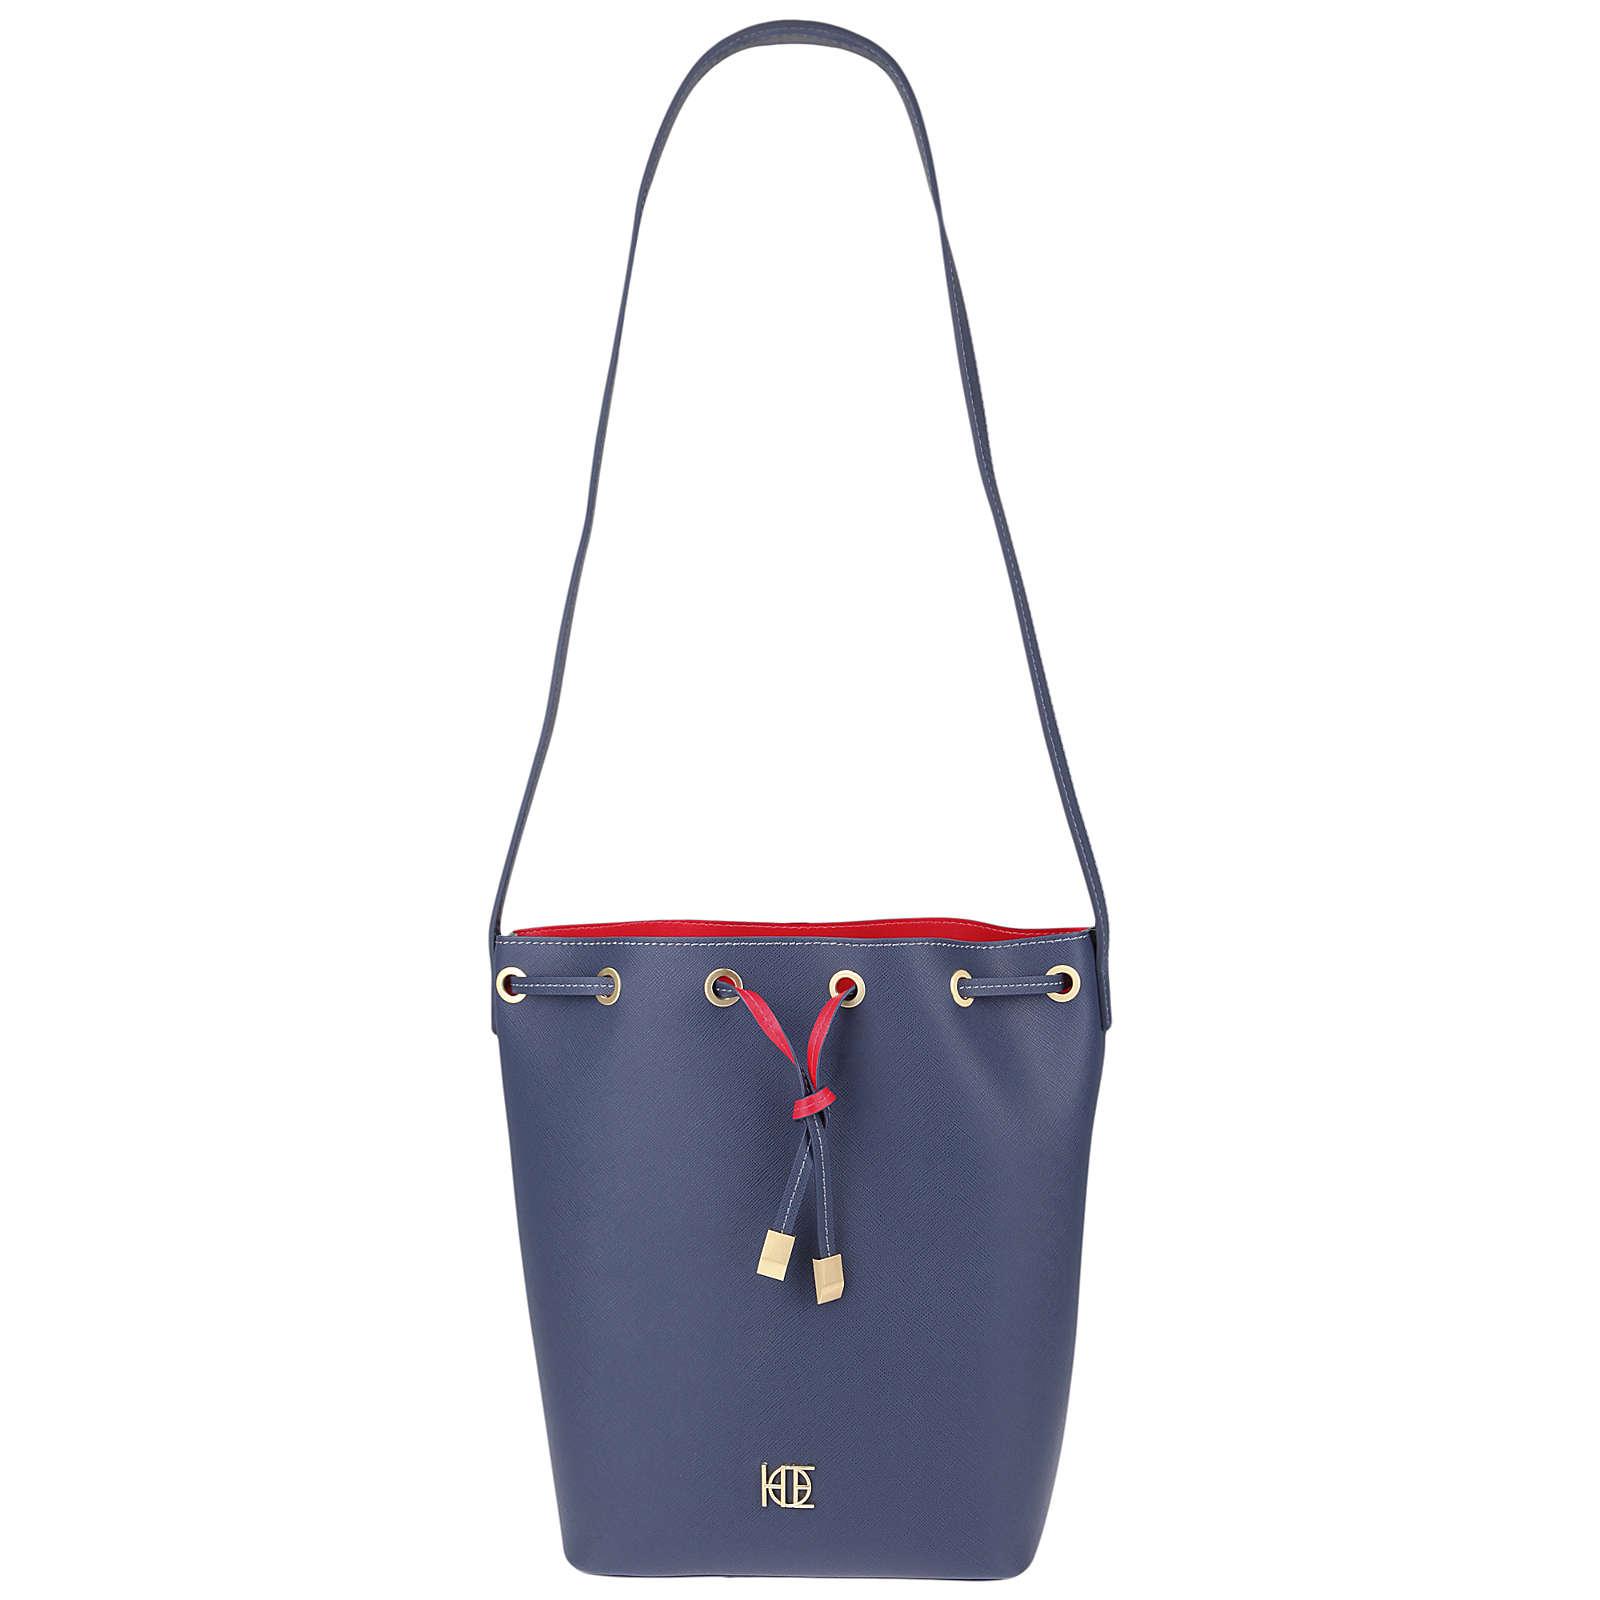 House of Envy Handtasche BOUNCY BUCKET blau Damen